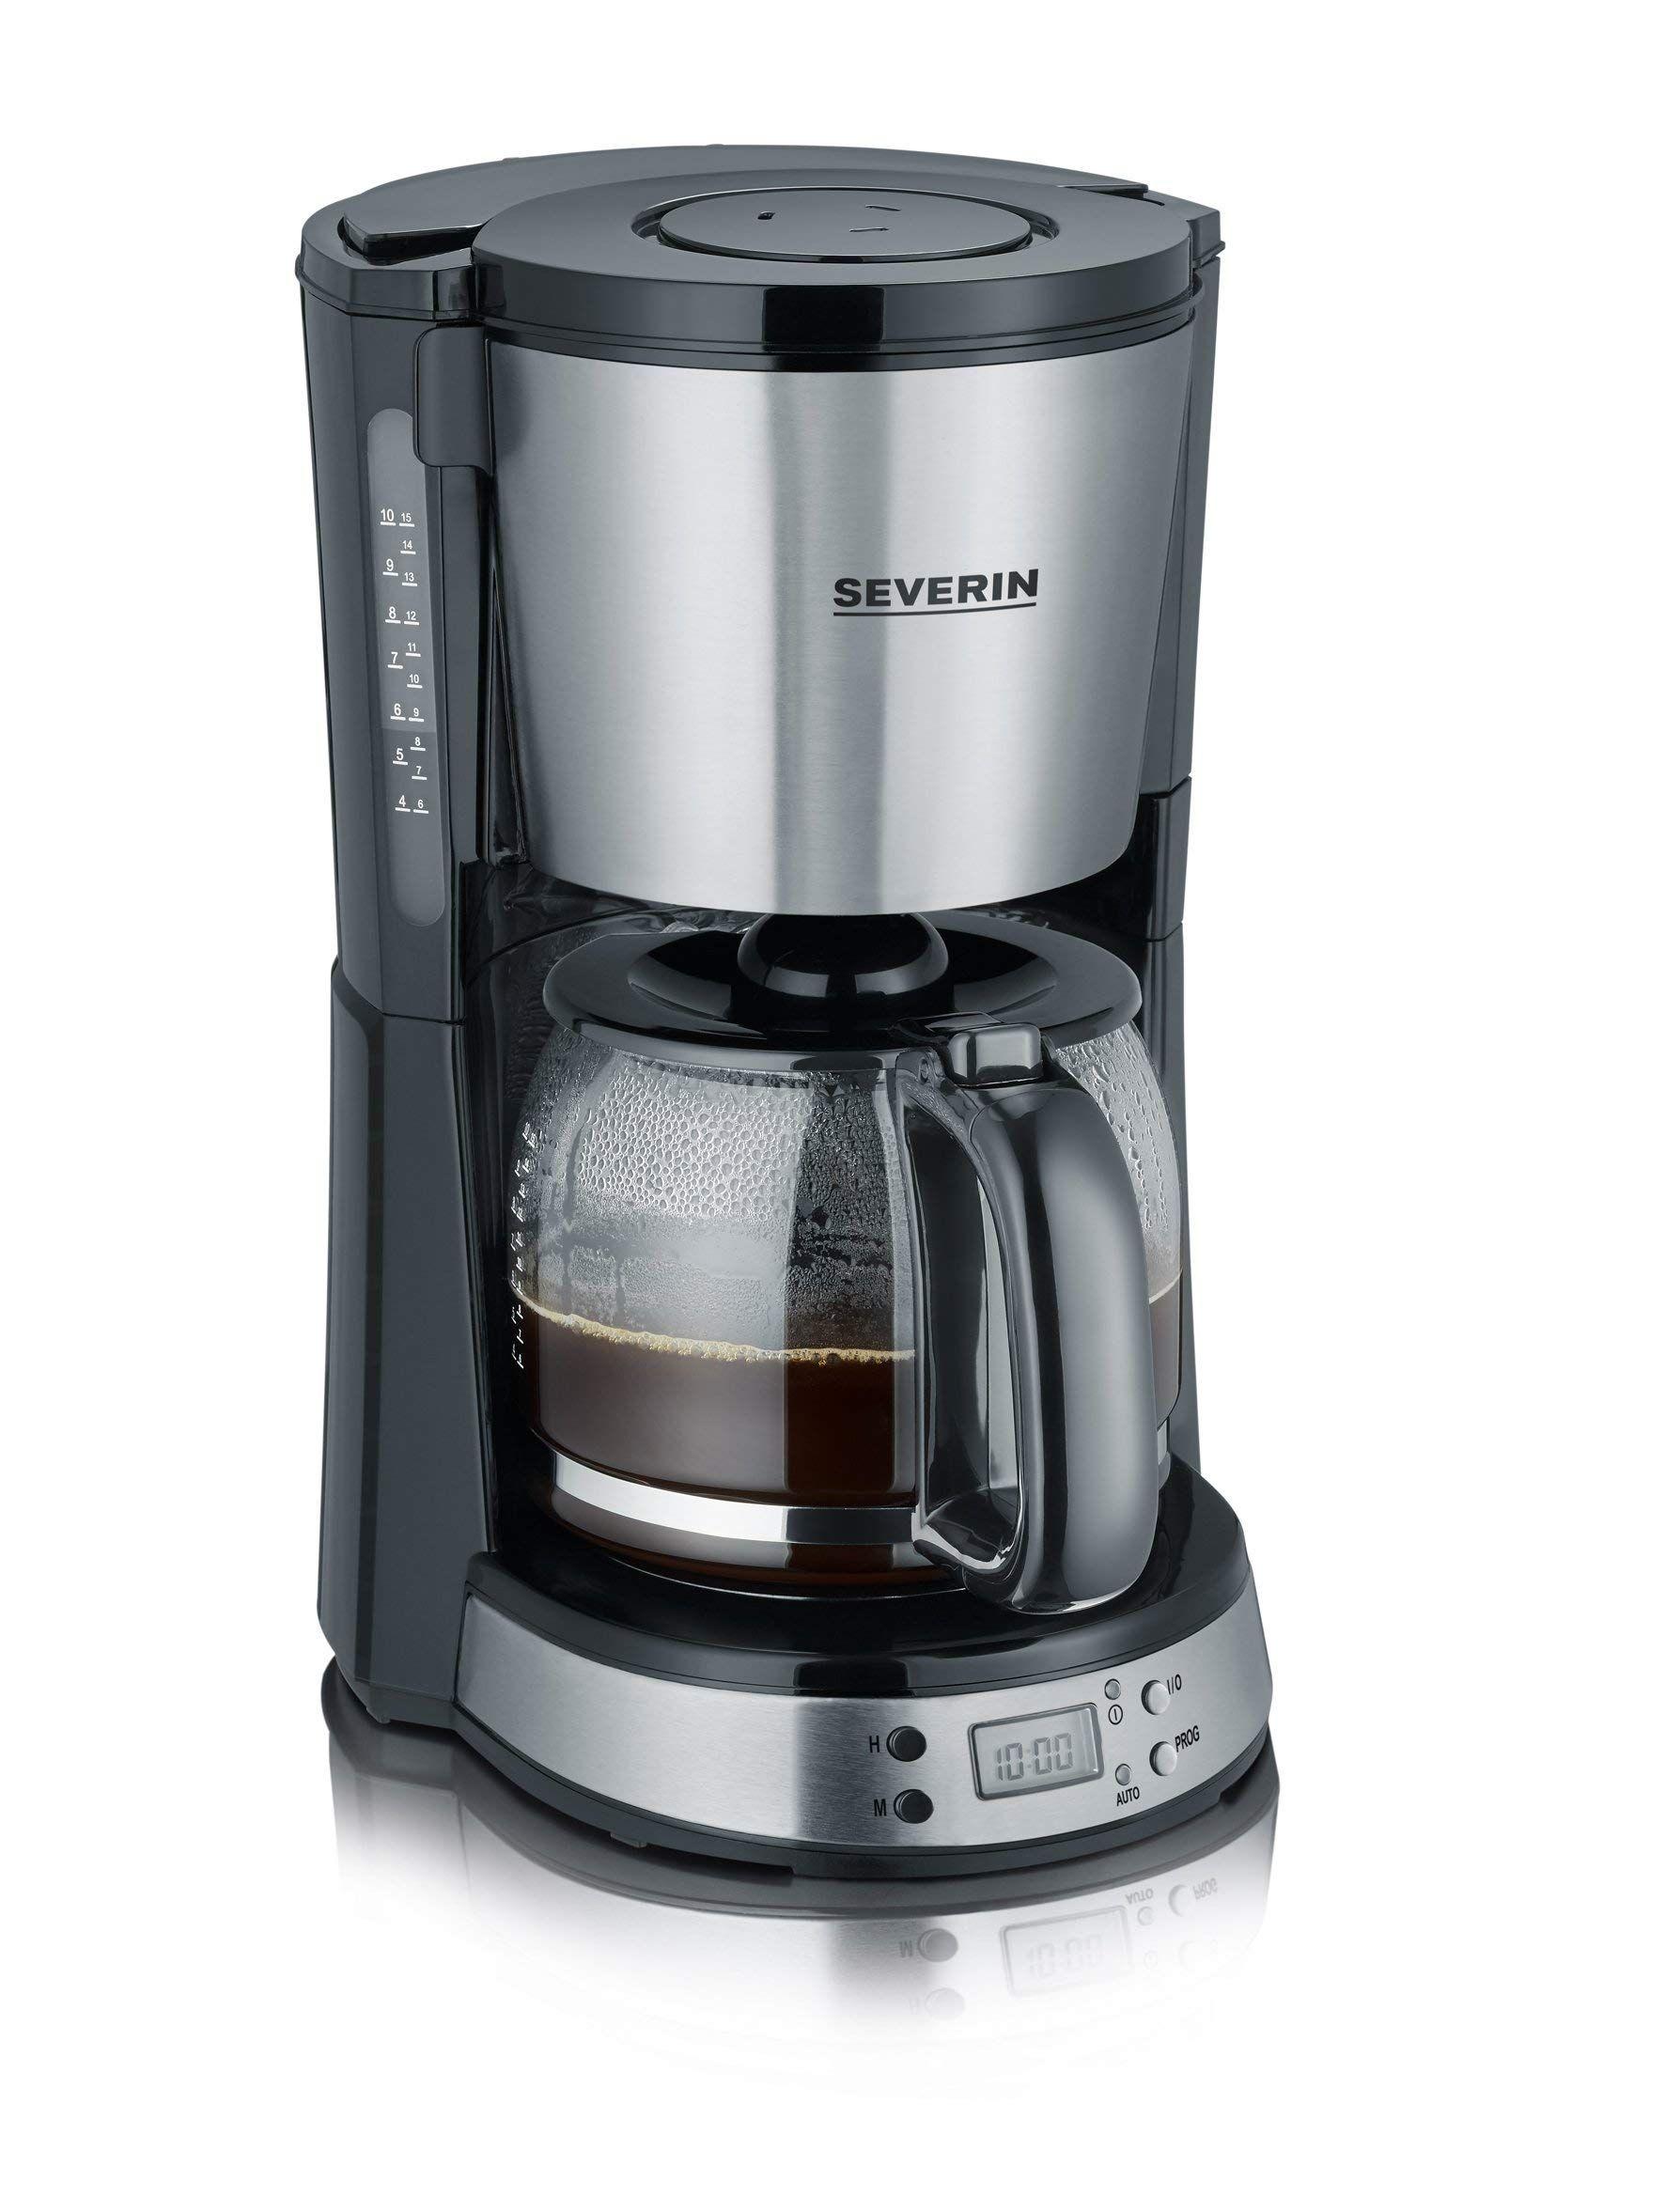 SEVERIN Kaffeemaschine, Select, Für gemahlenen